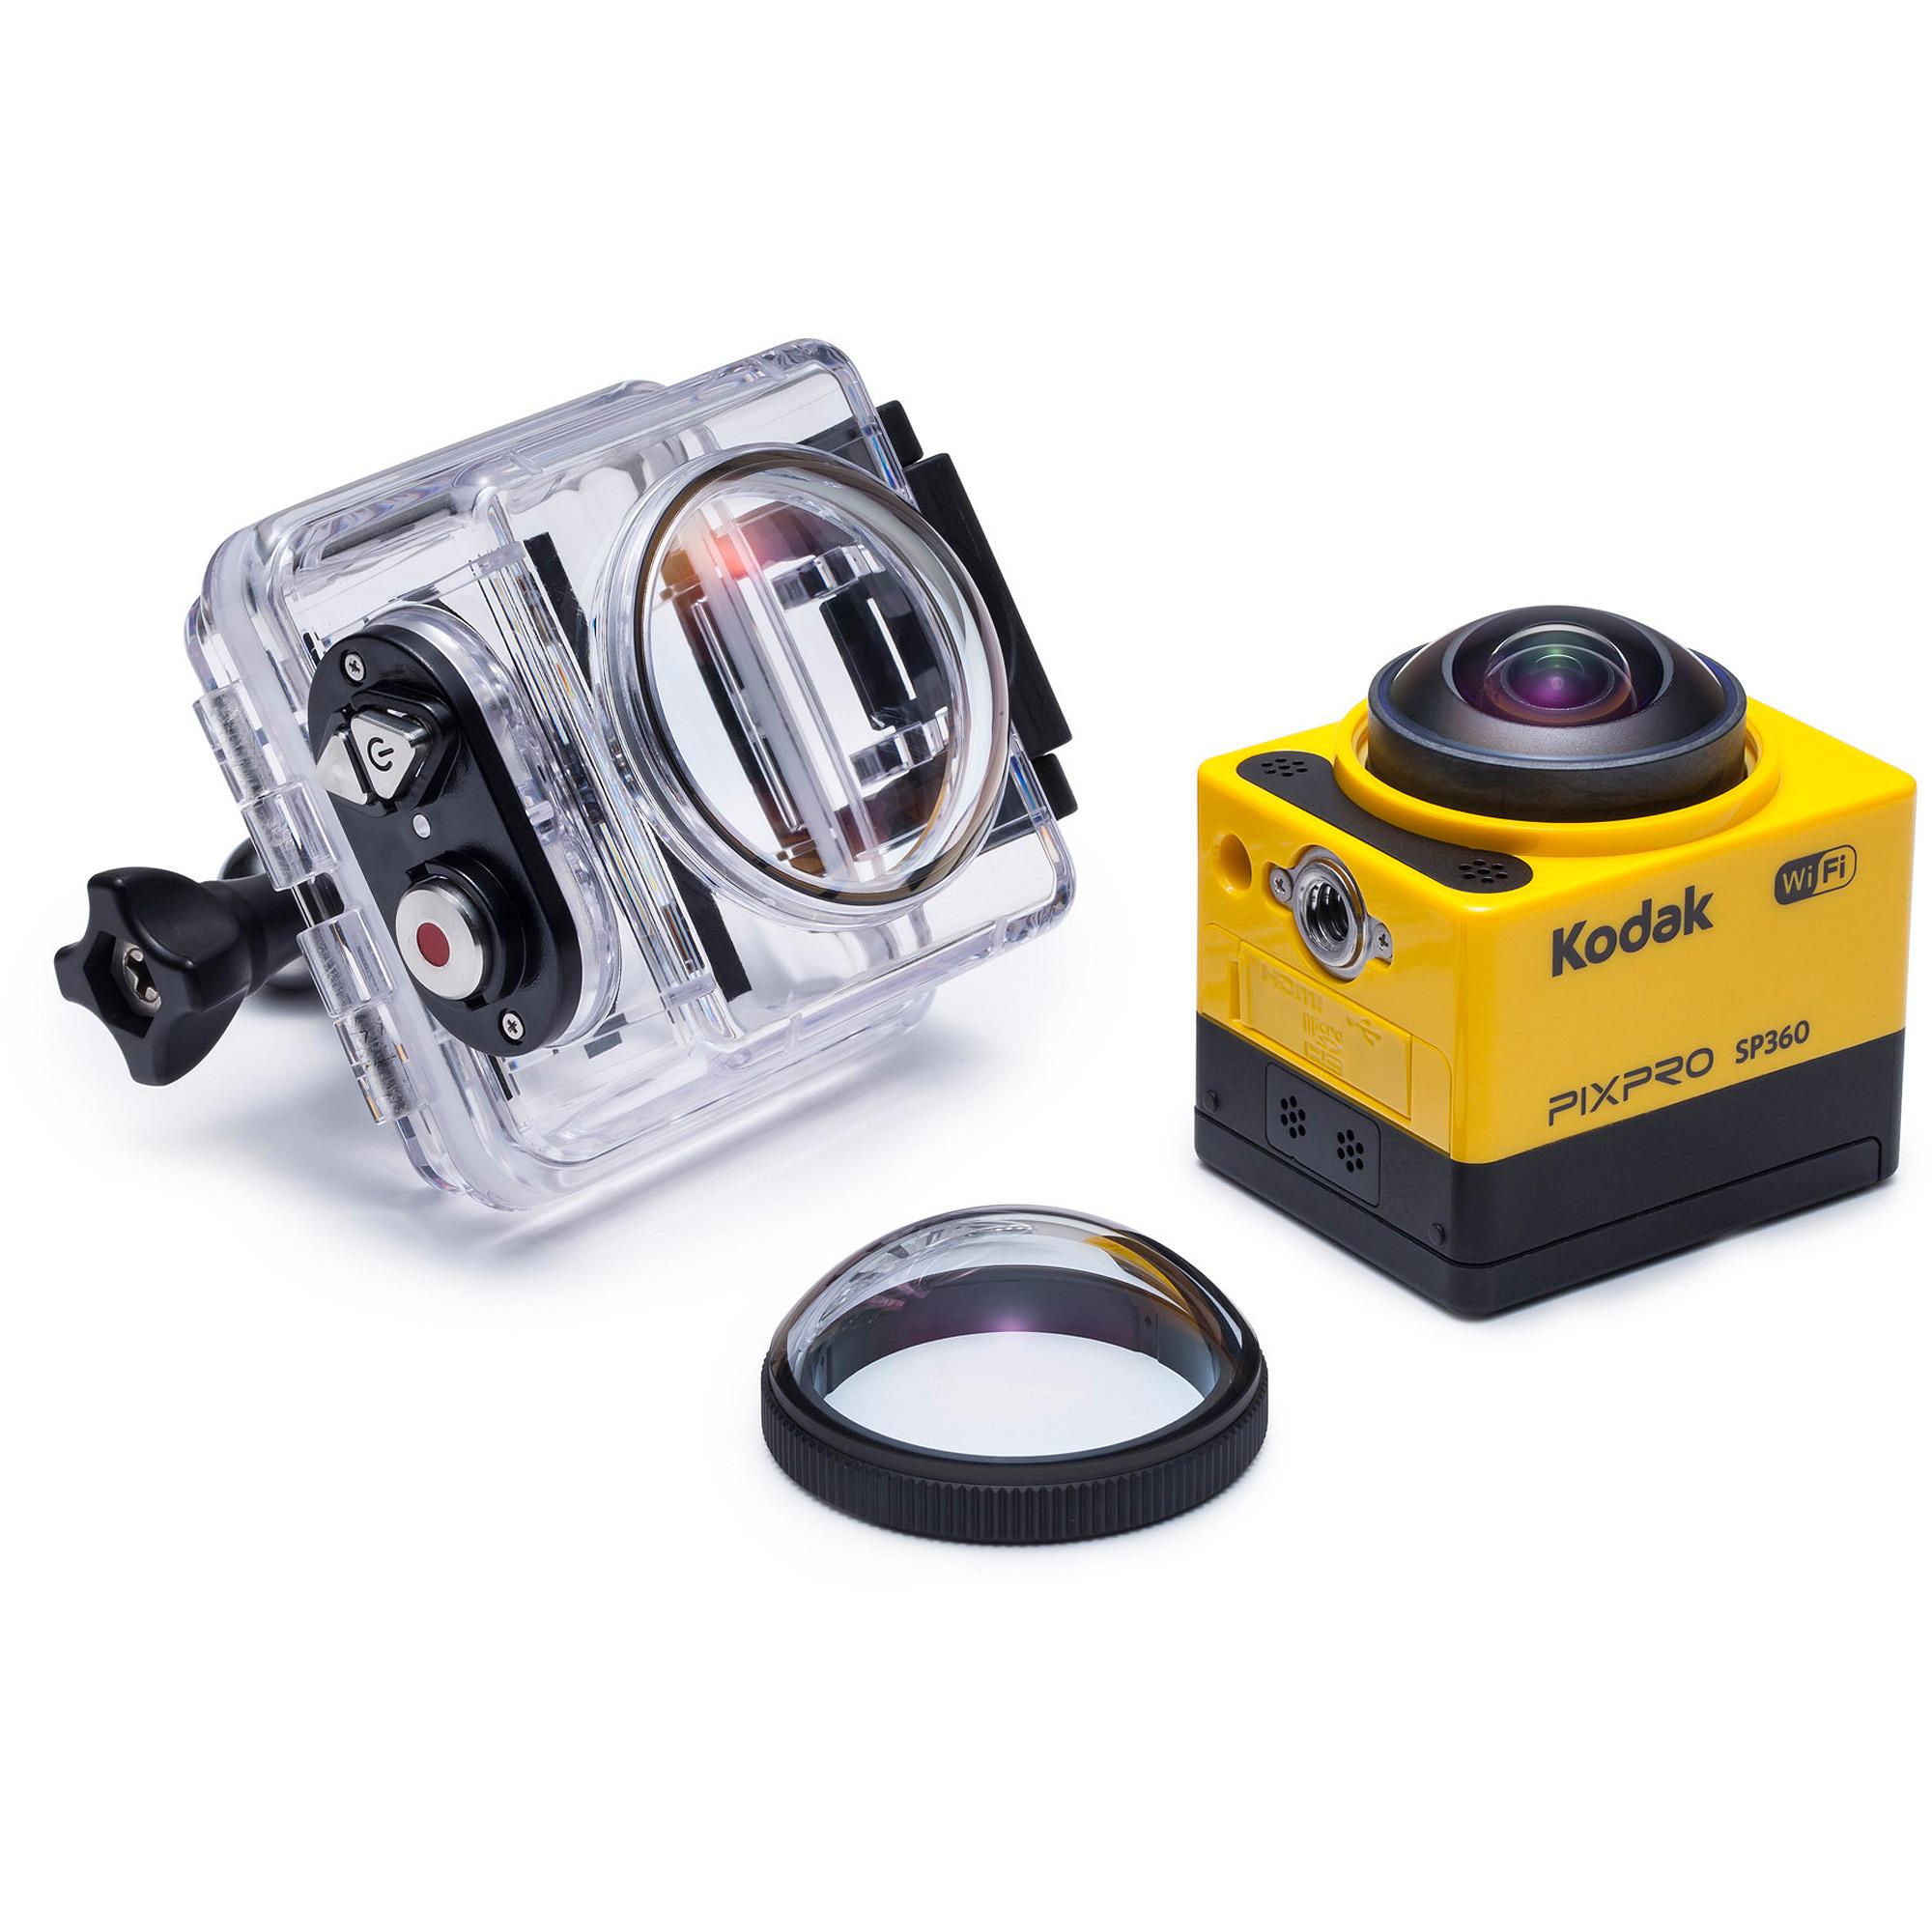 Kamera Kodak SP360 Action Camera może rejestrować filmy 360-stopniowe i jest relatywnie tania.